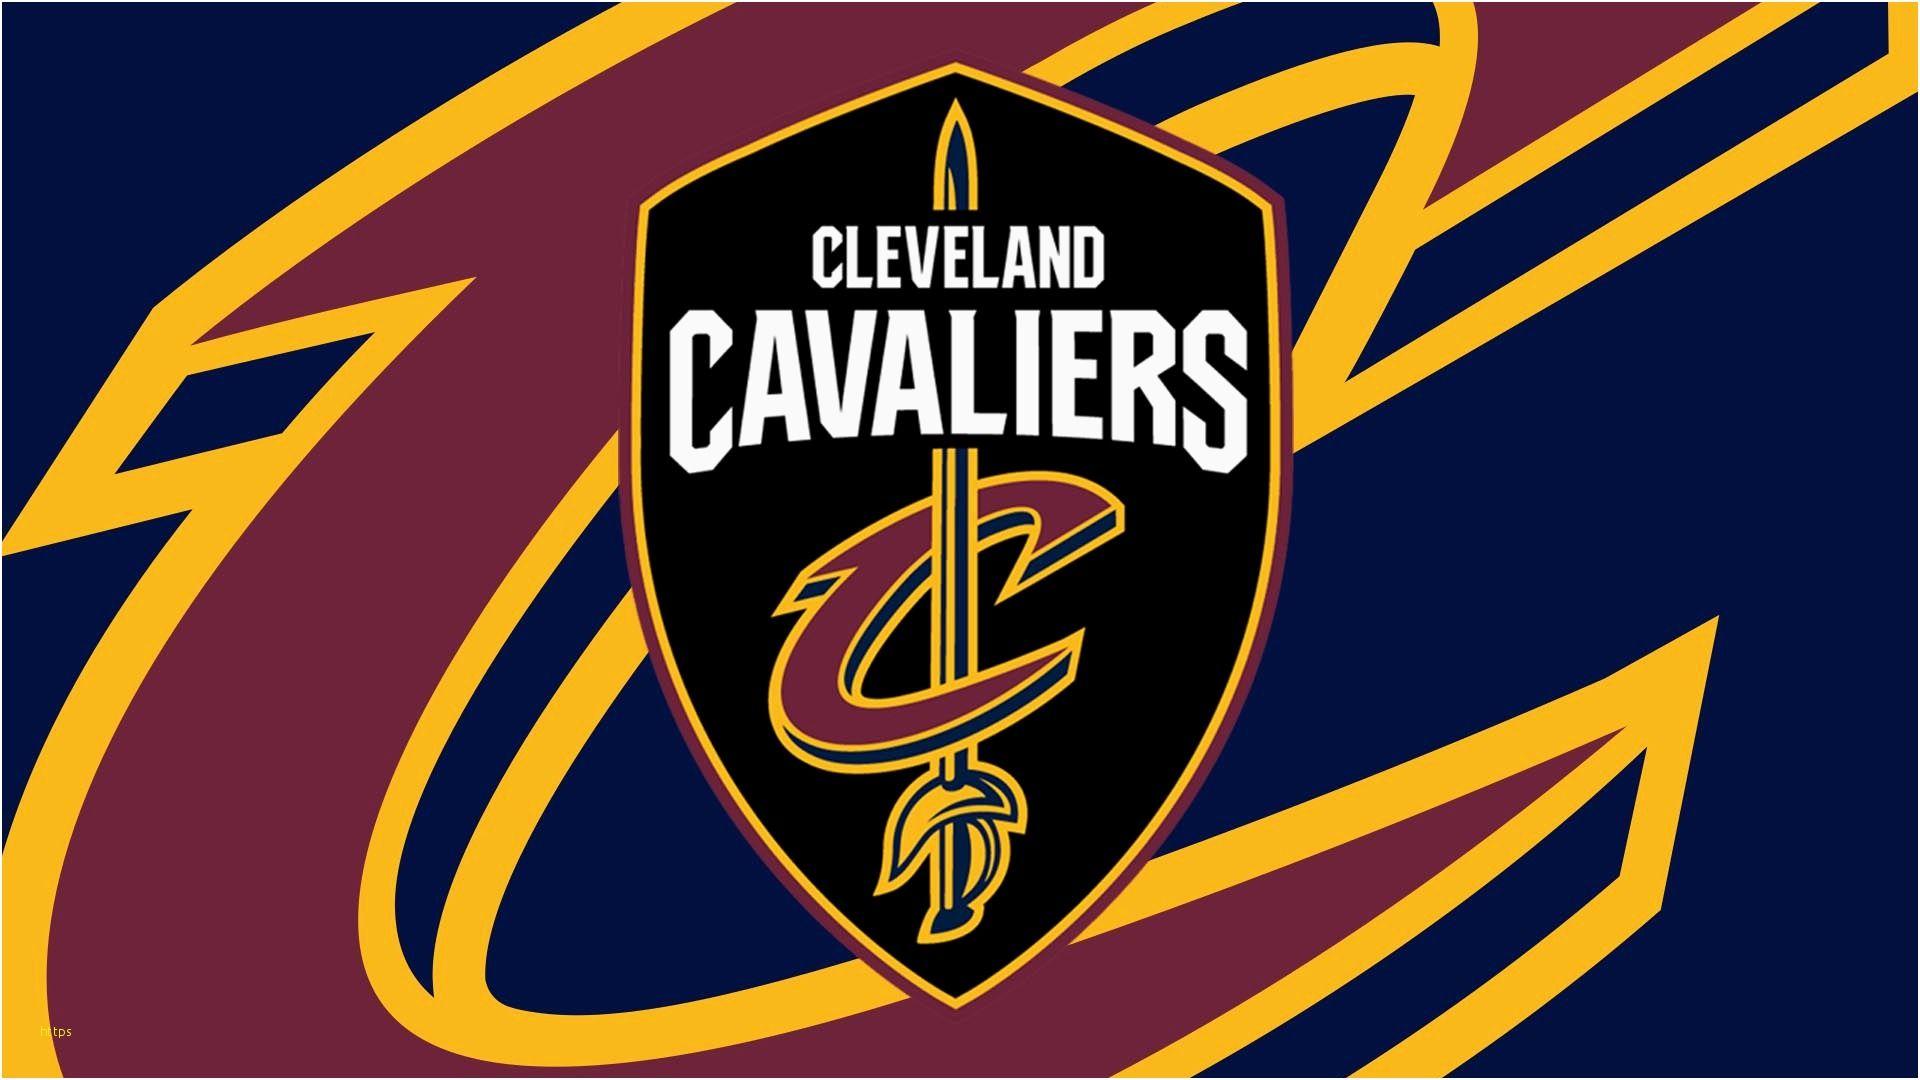 Cleveland 1920x1080 wallpaper